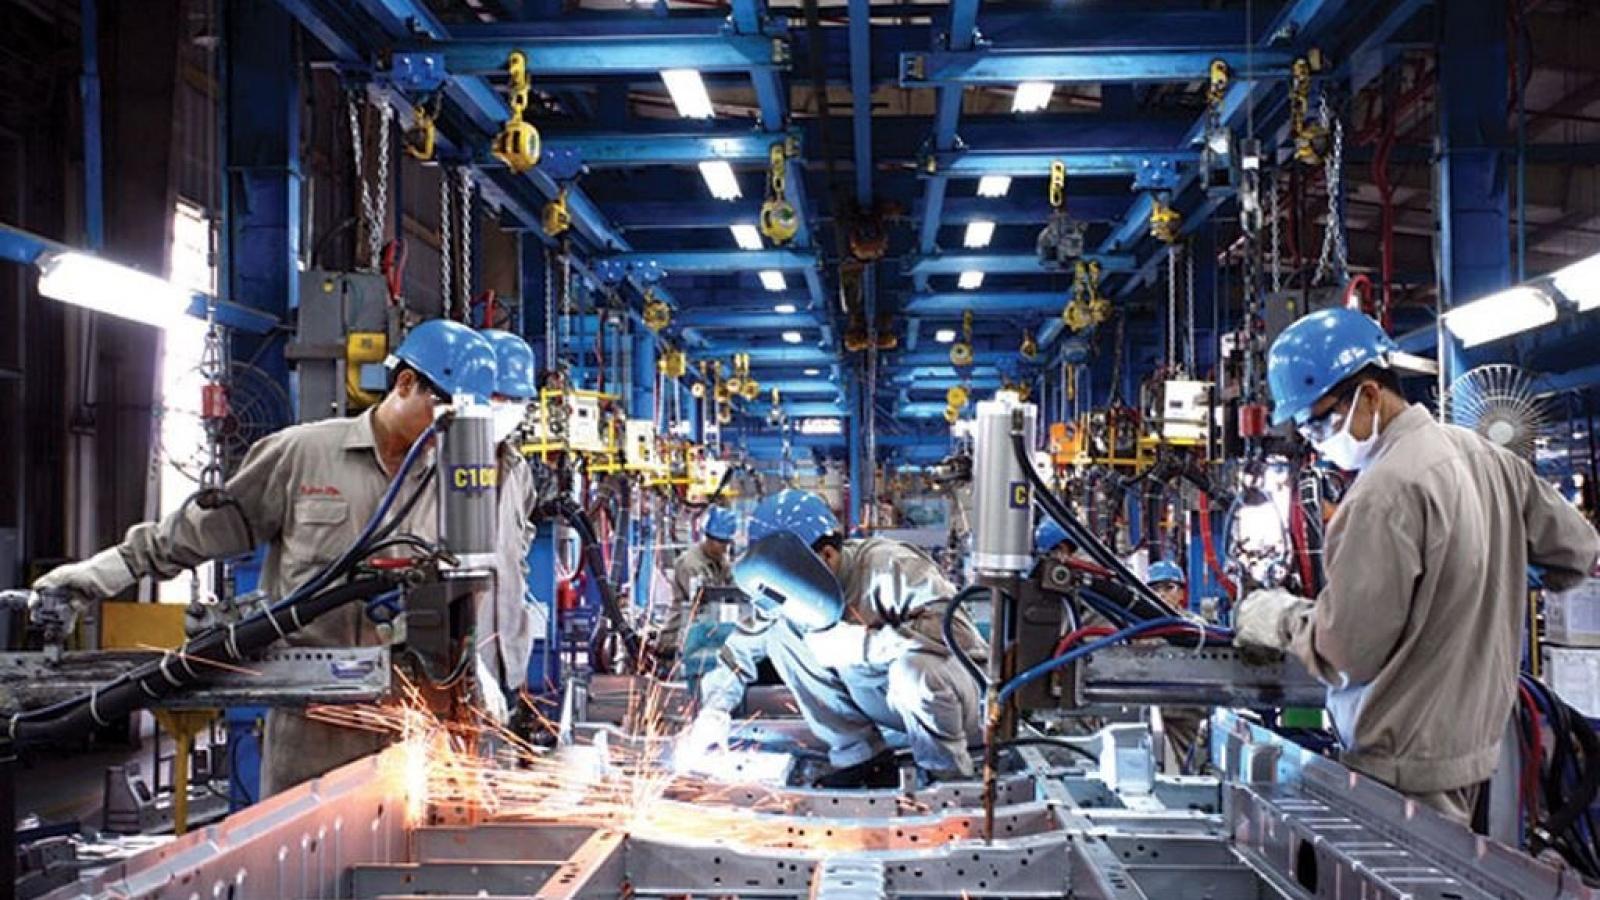 ADB: Tăng trưởng kinh tế của Việt Nam sẽ phục hồi ở mức 6,7% trong năm 2021